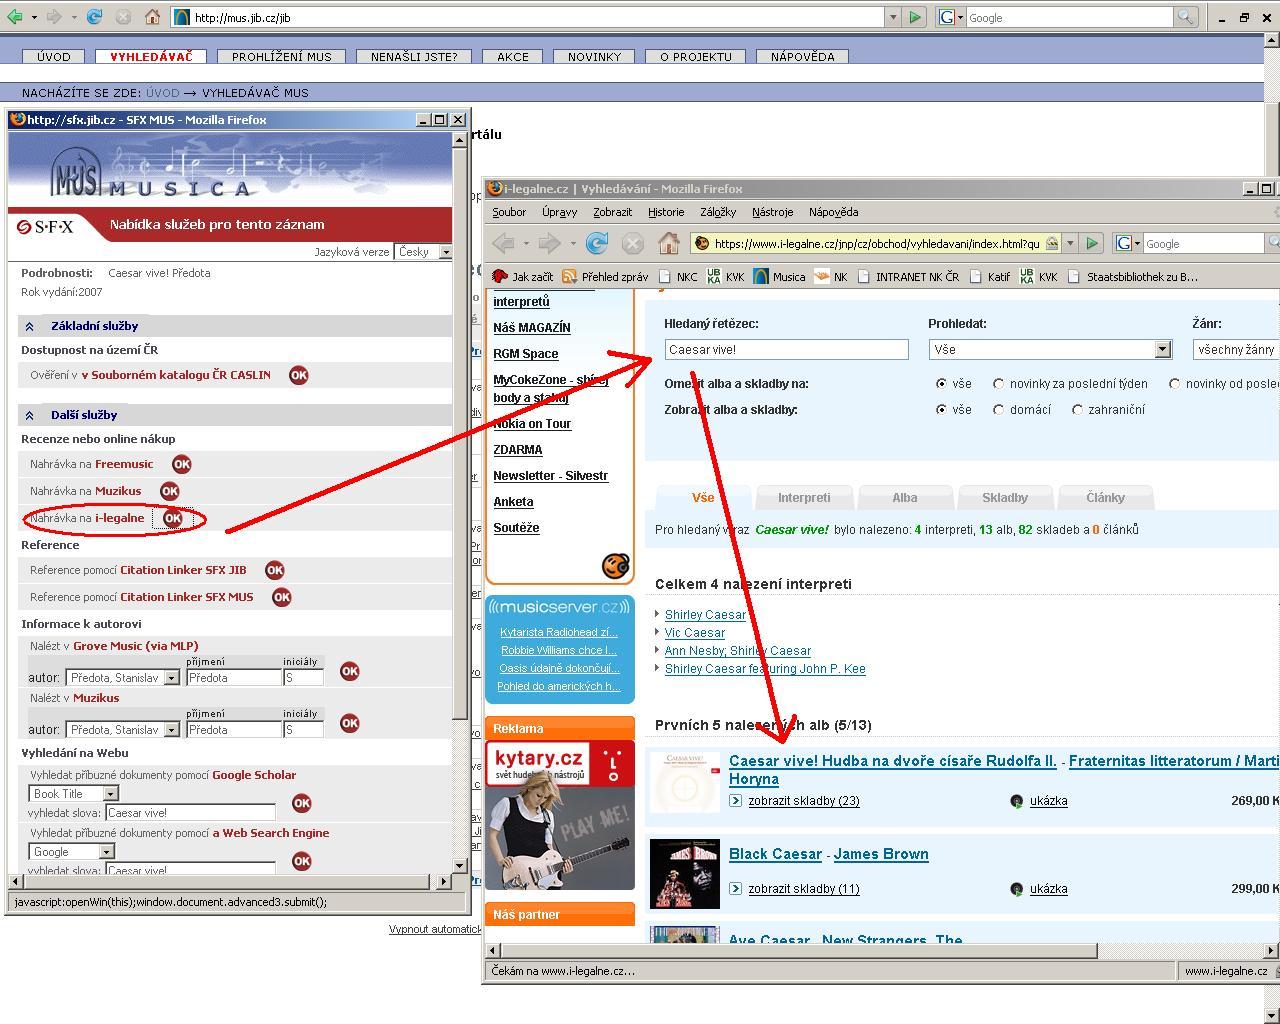 SFX nabízí přidané služby k vyhledaným záznamům, v tomto příkladu jde o vyhledání nahrávky na hudebním serveru i-legalne.cz